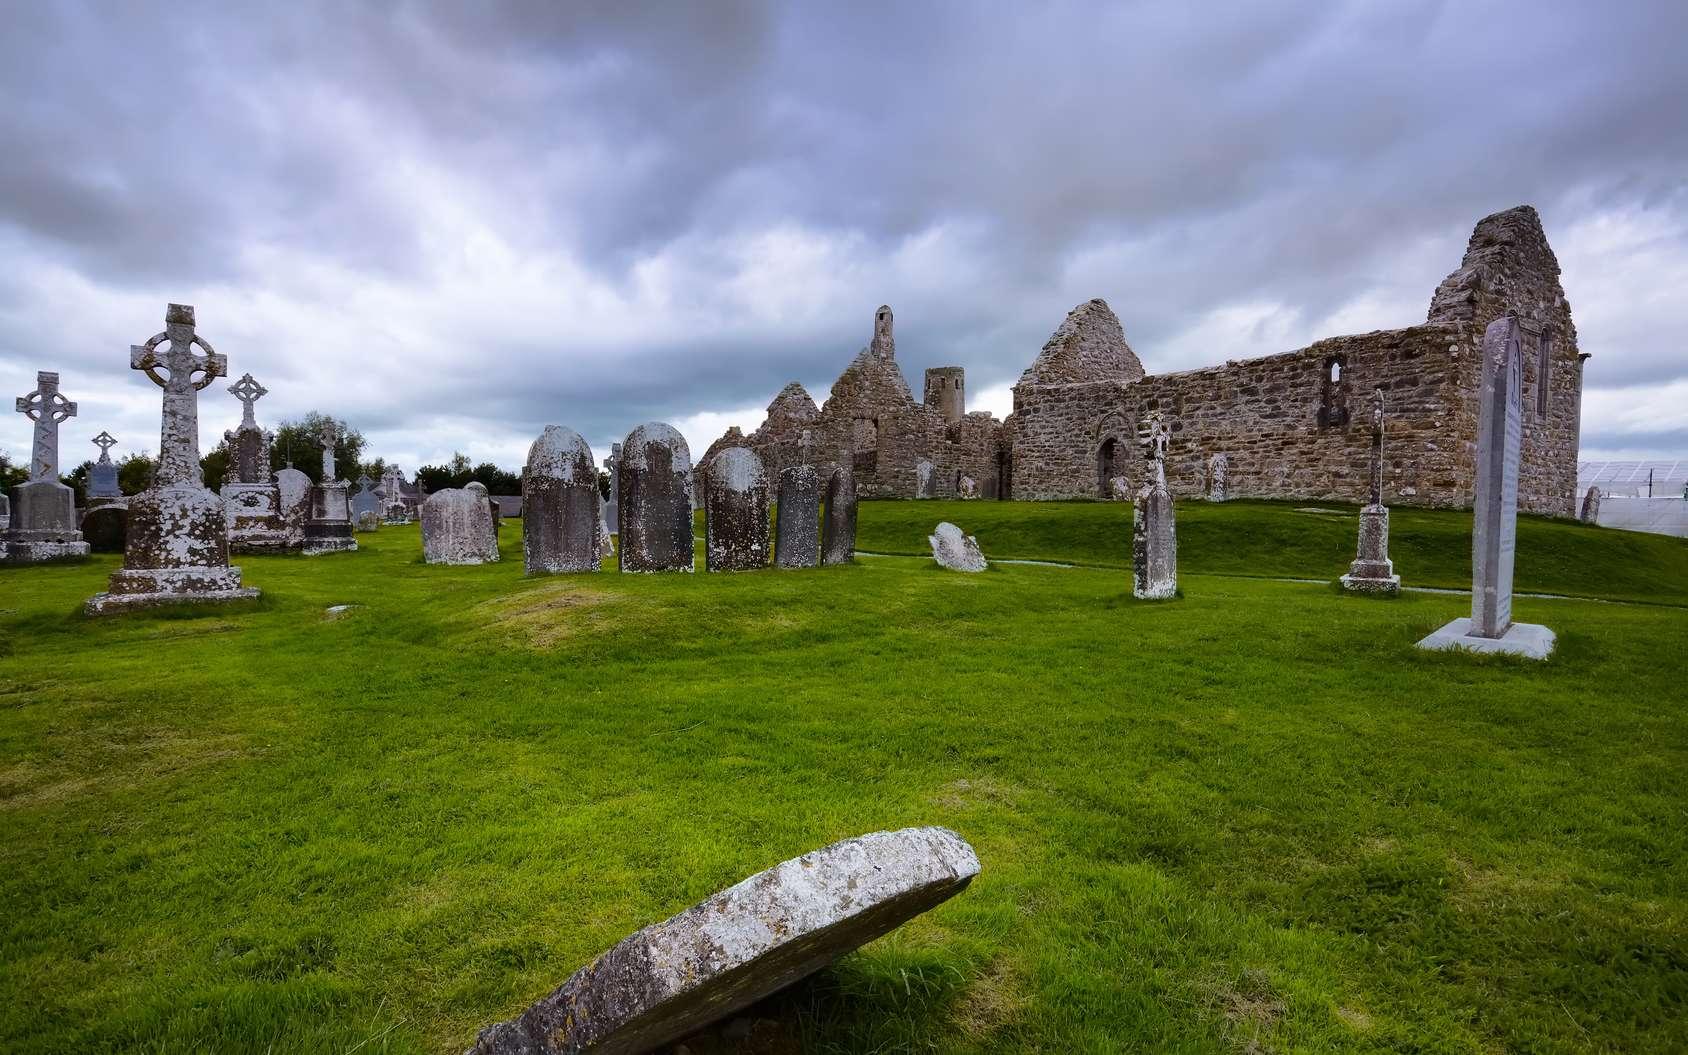 Qui sont les Celtes ? quand sont-ils arrivés en Gaule ? Ici, le monastère de Clonmacnoise, dans le comté d'Offaly, en Irlande. © walshphotos, Fotolia